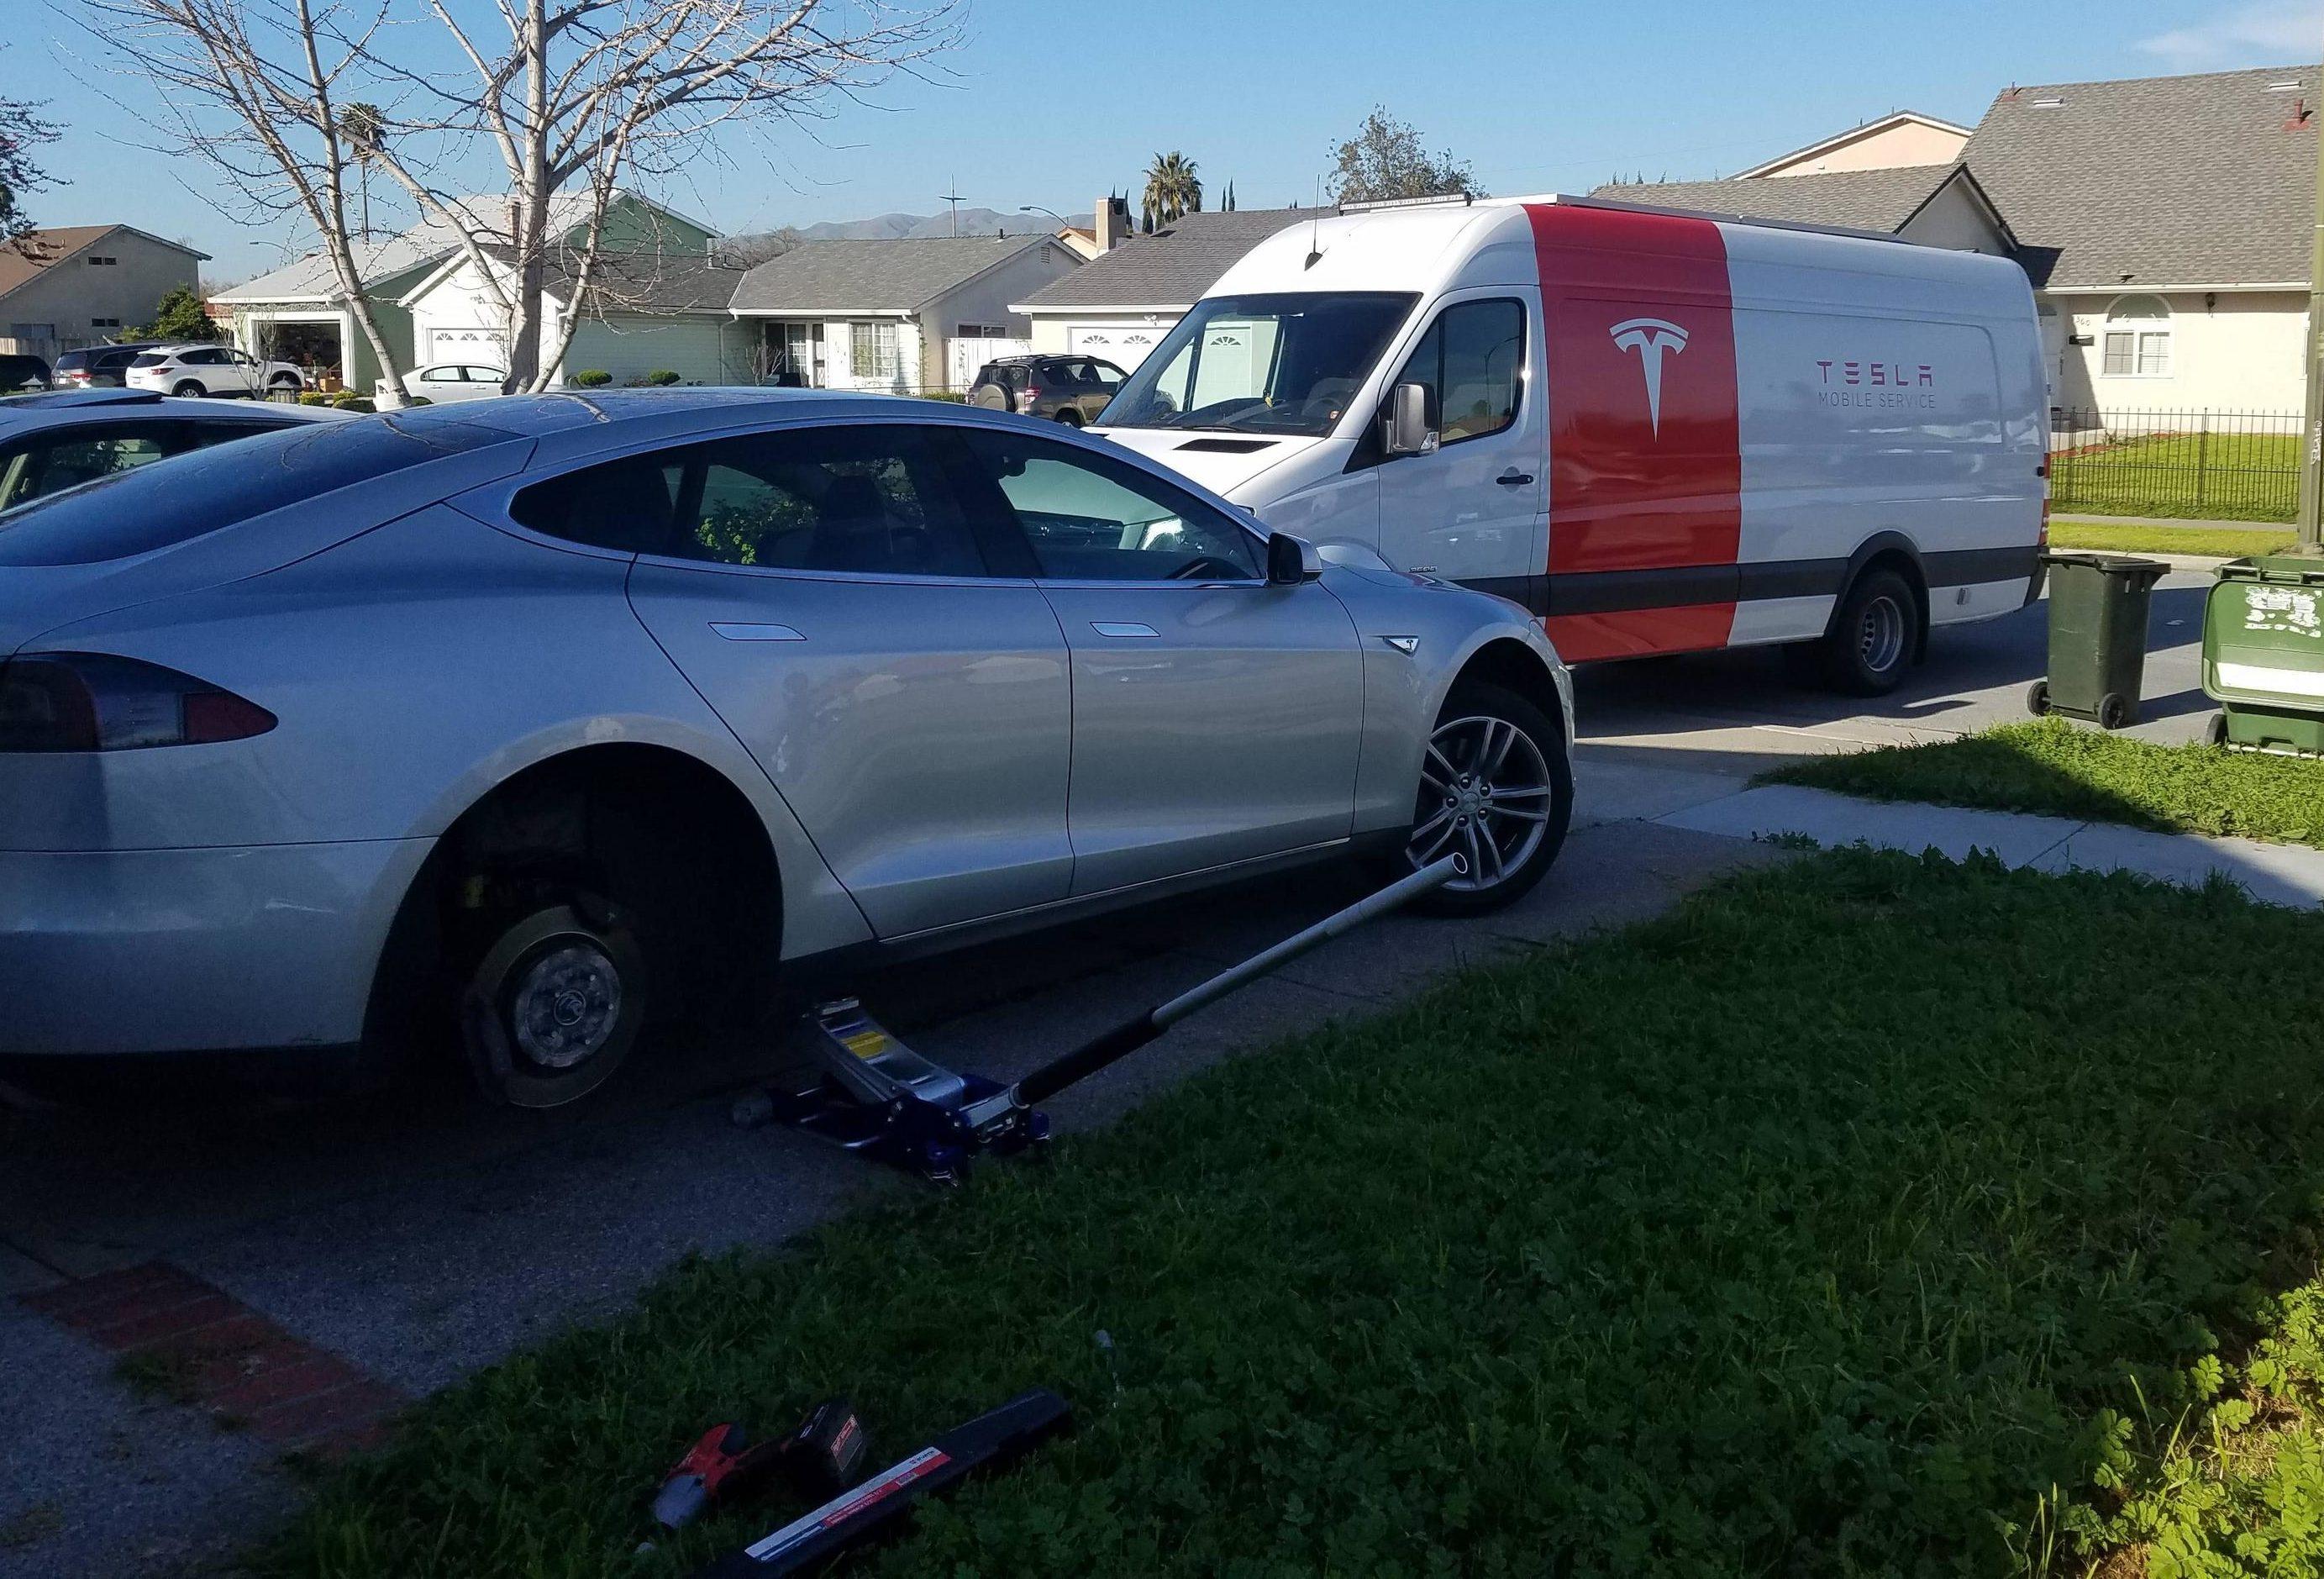 Tesla-mobile-service-van-tire-repair-2